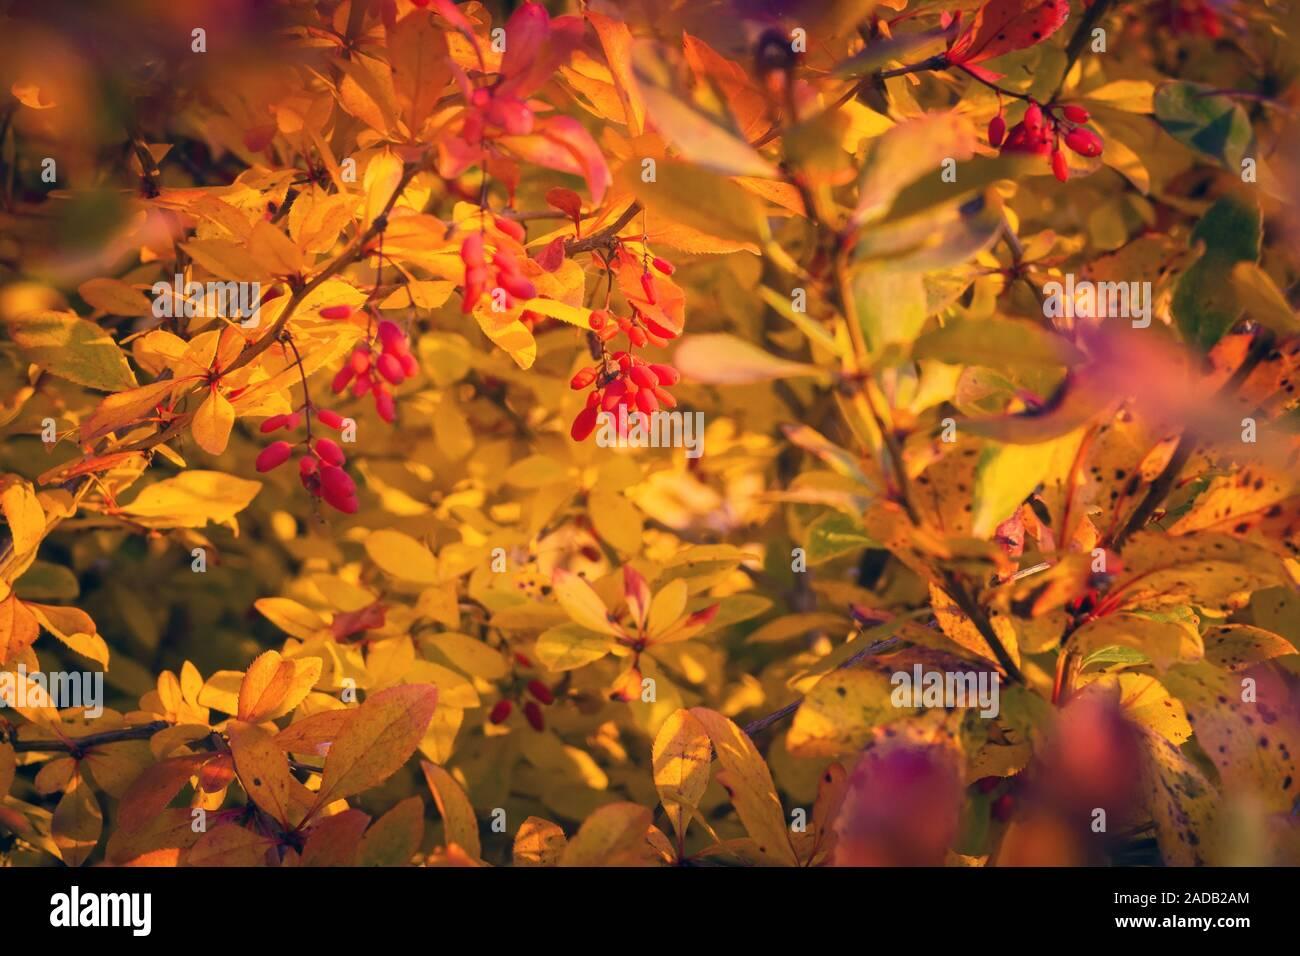 Berberis Thunbergii Berries Stock Photos Berberis Thunbergii